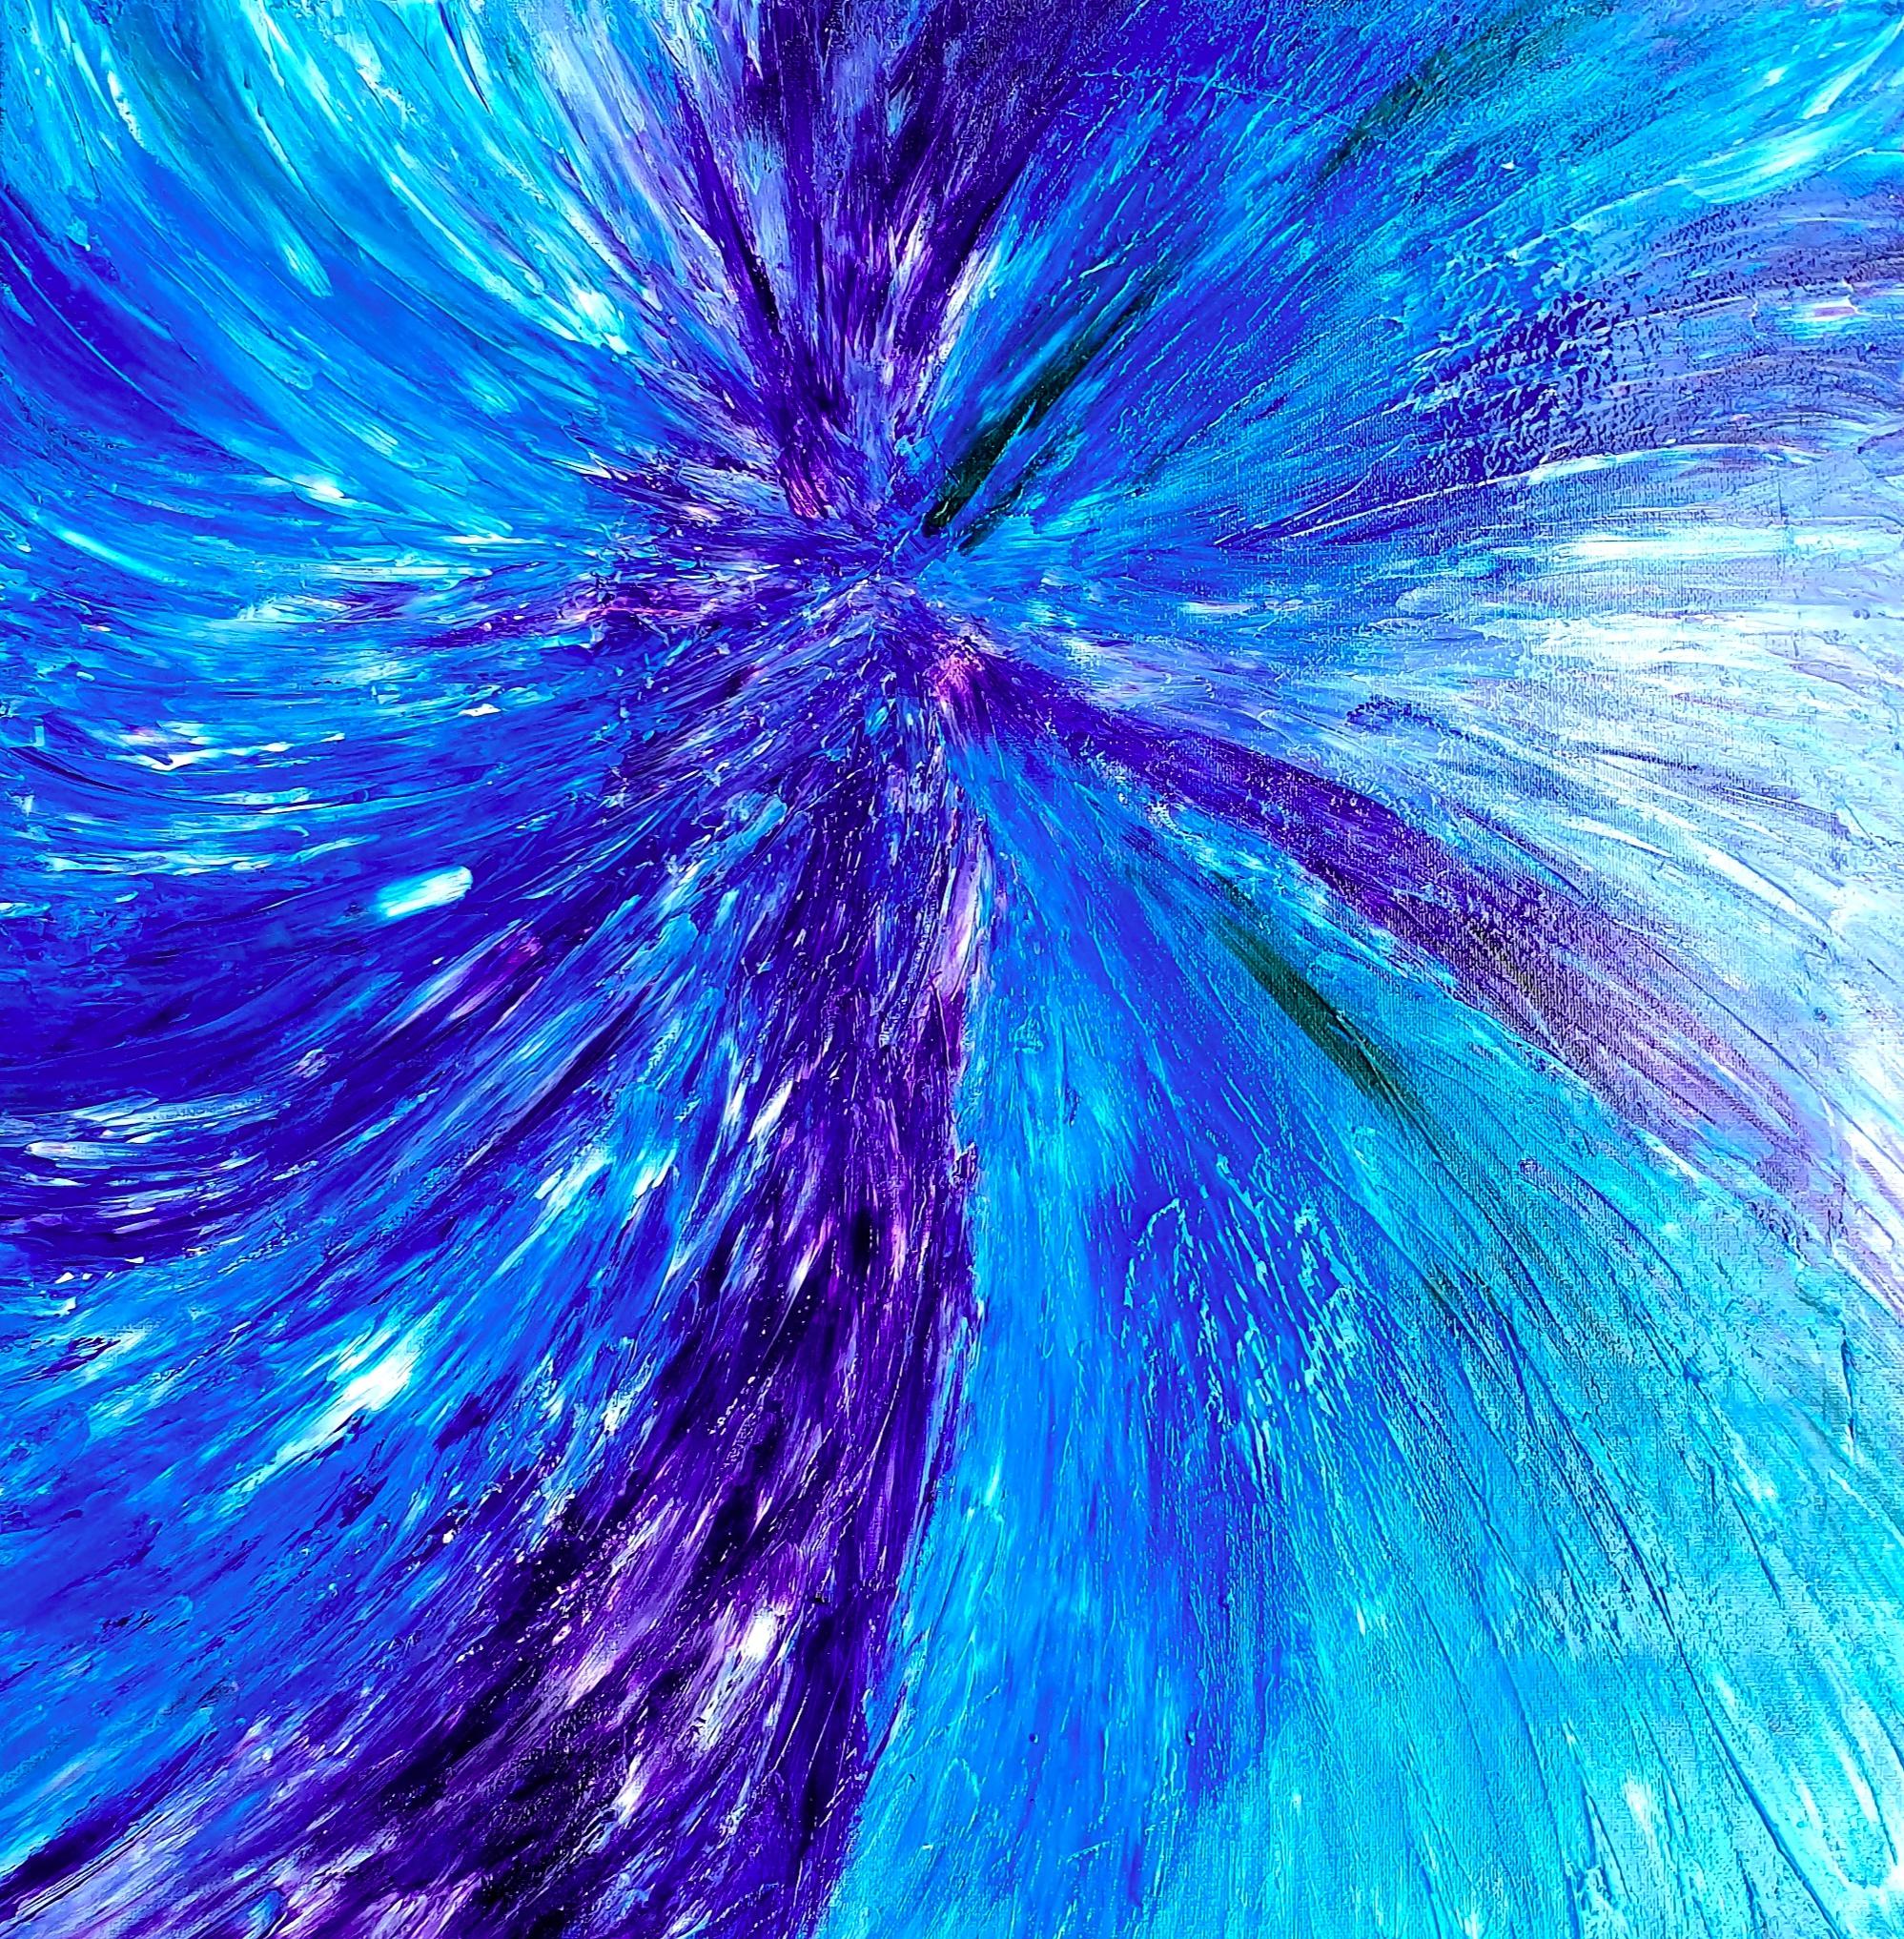 """Obraz akryl 50cm x 50cm pt. """"Tańczący anioł"""" (2019)"""